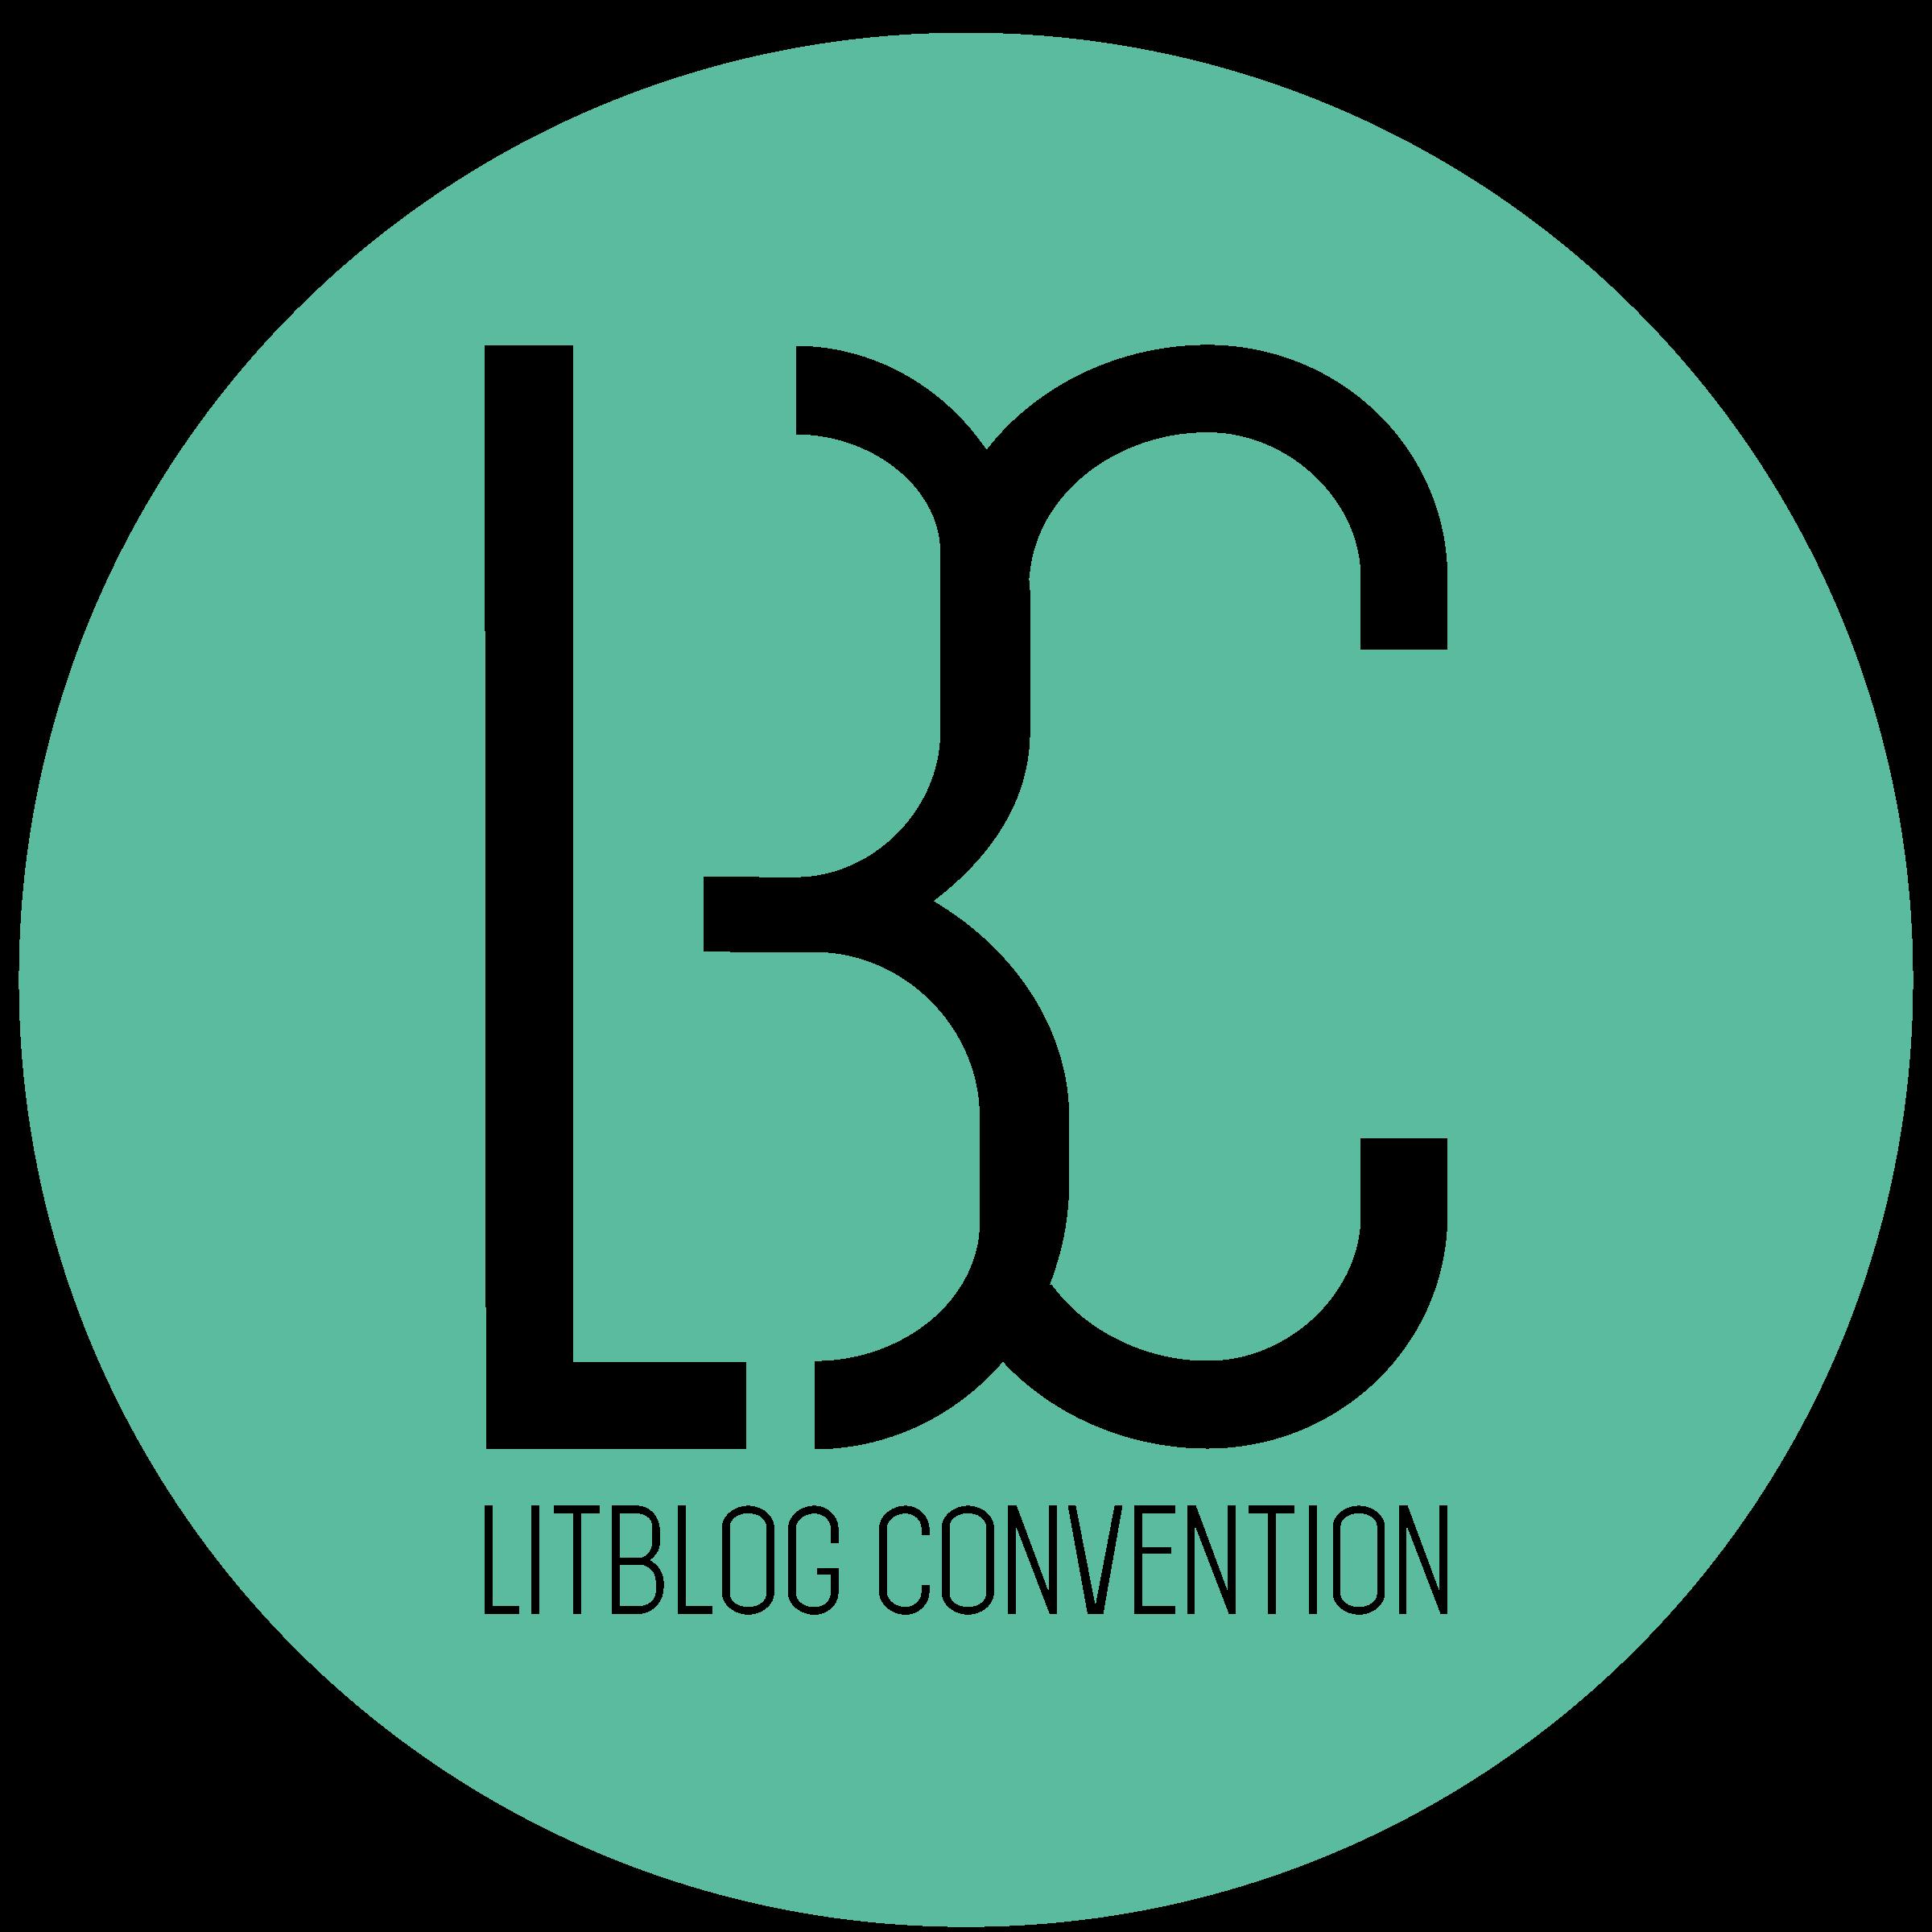 litblogconvention_logo